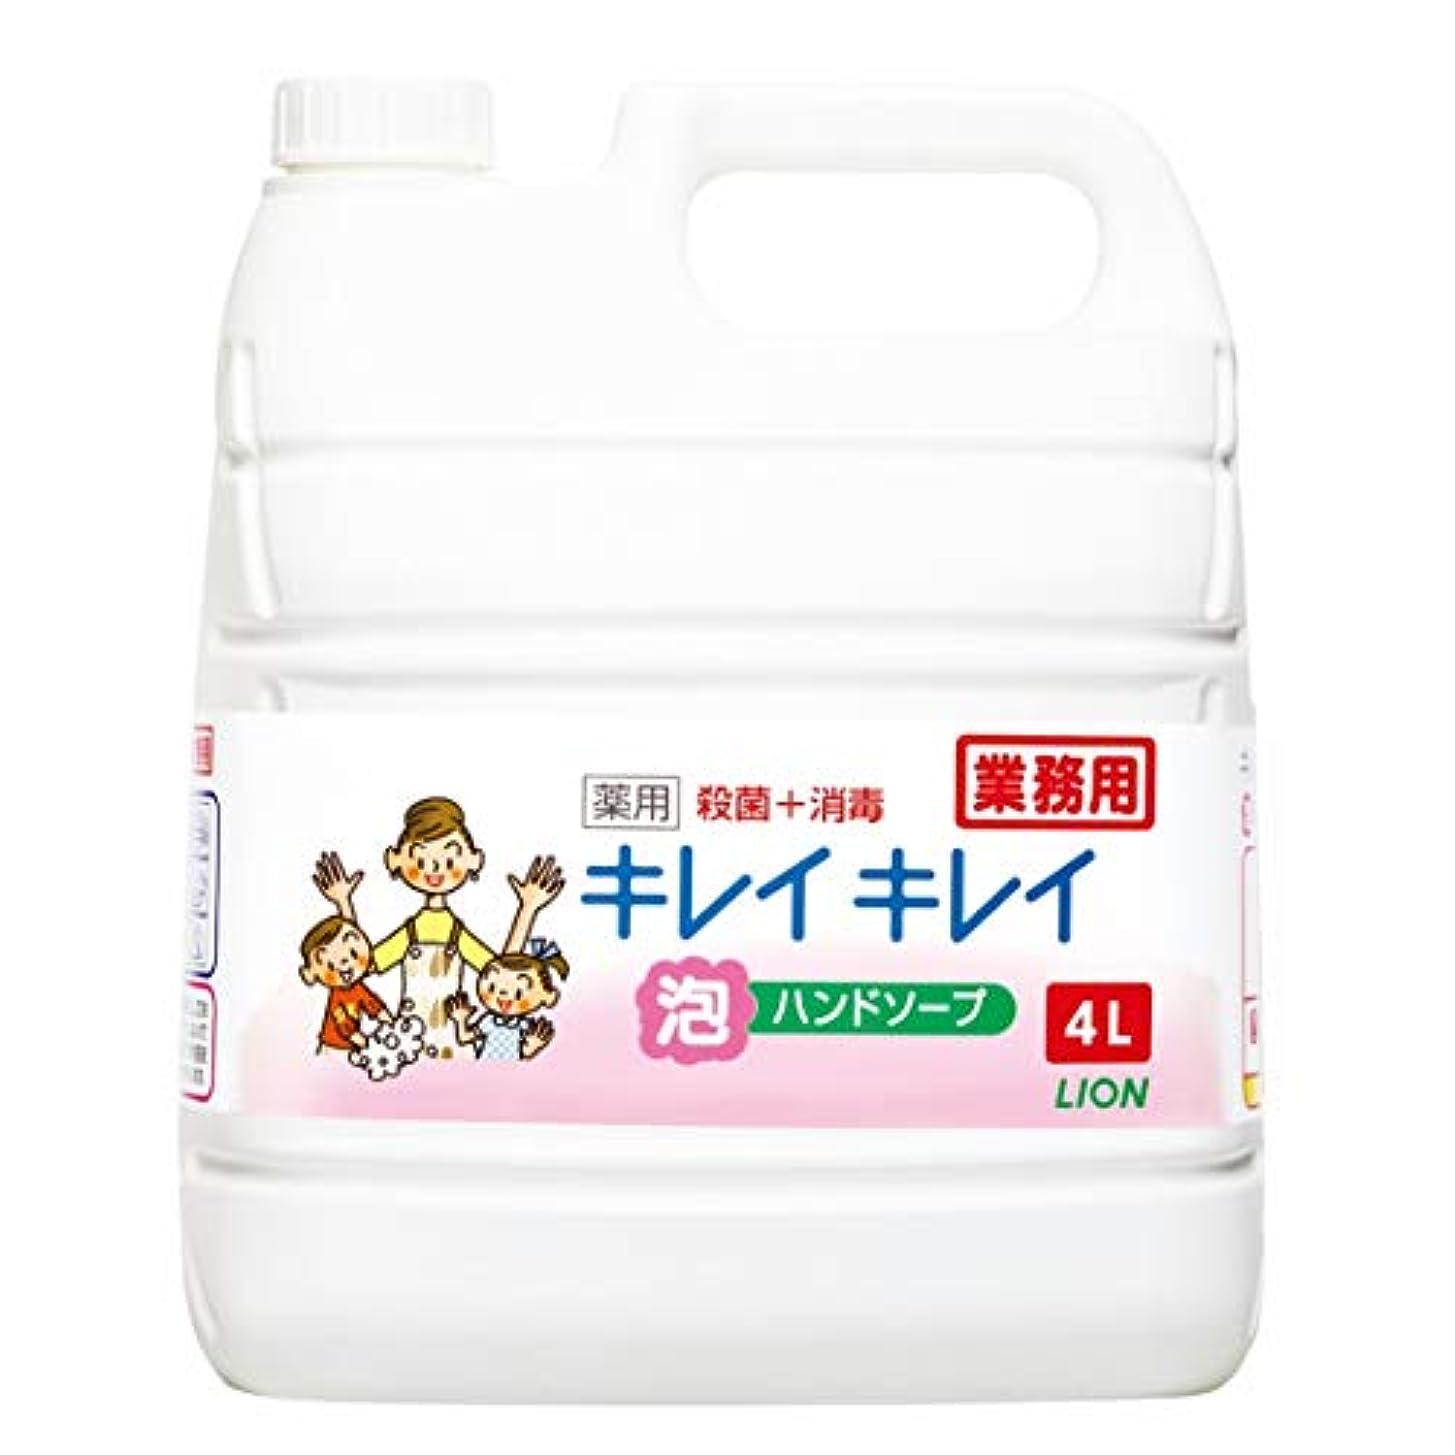 びっくりテーマ消費する【業務用 大容量】キレイキレイ 薬用 泡ハンドソープ シトラスフルーティの香り 液体 単品 4L(医薬部外品)